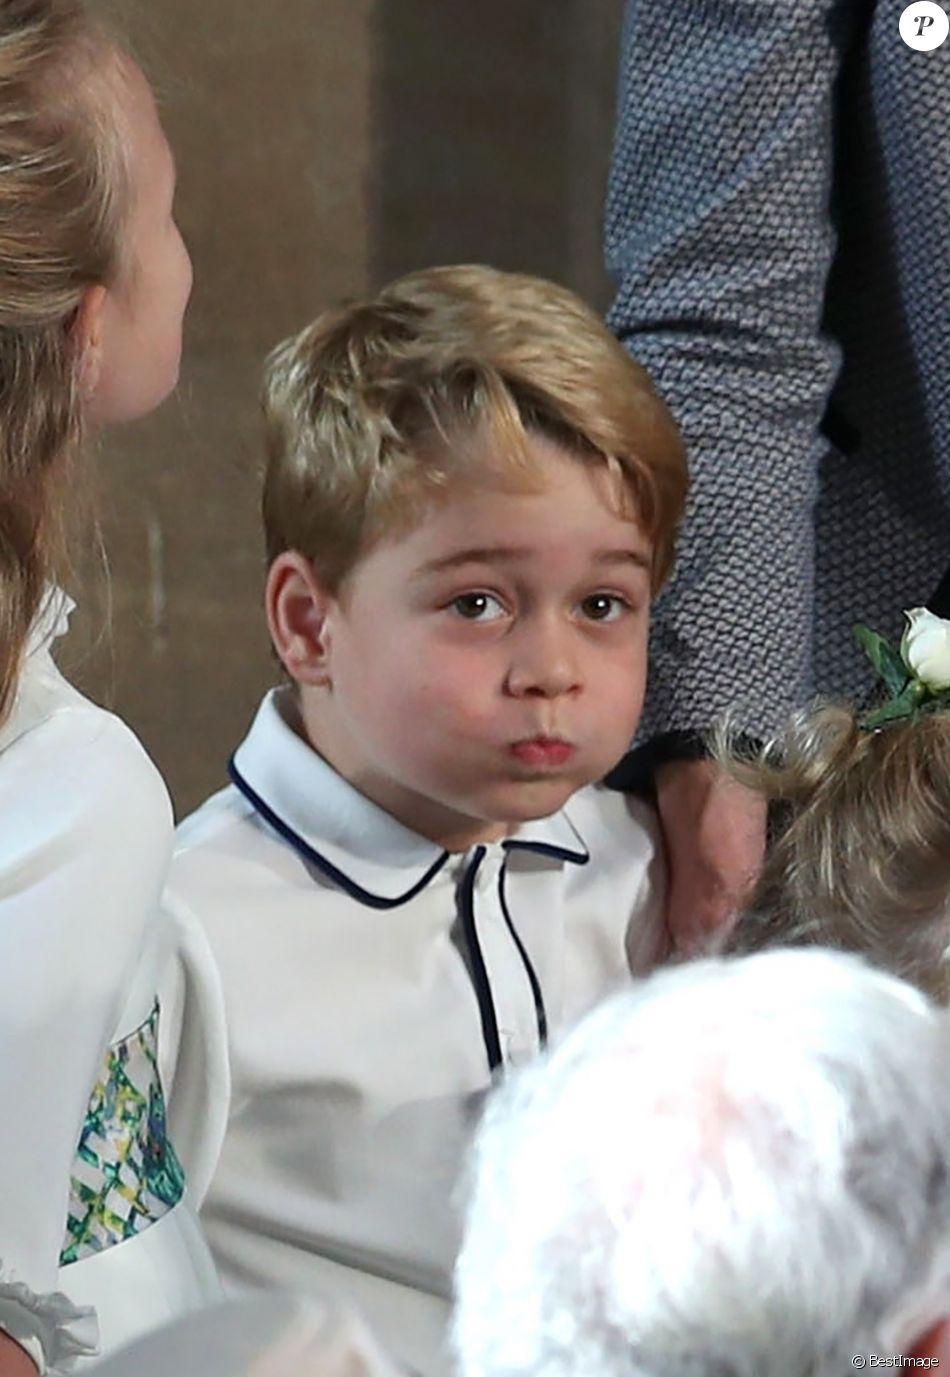 Le prince George de Cambridge - Cérémonie de mariage de la princesse Eugenie d'York et Jack Brooksbank en la chapelle Saint-George au château de Windsor le 12 octobre 2018.